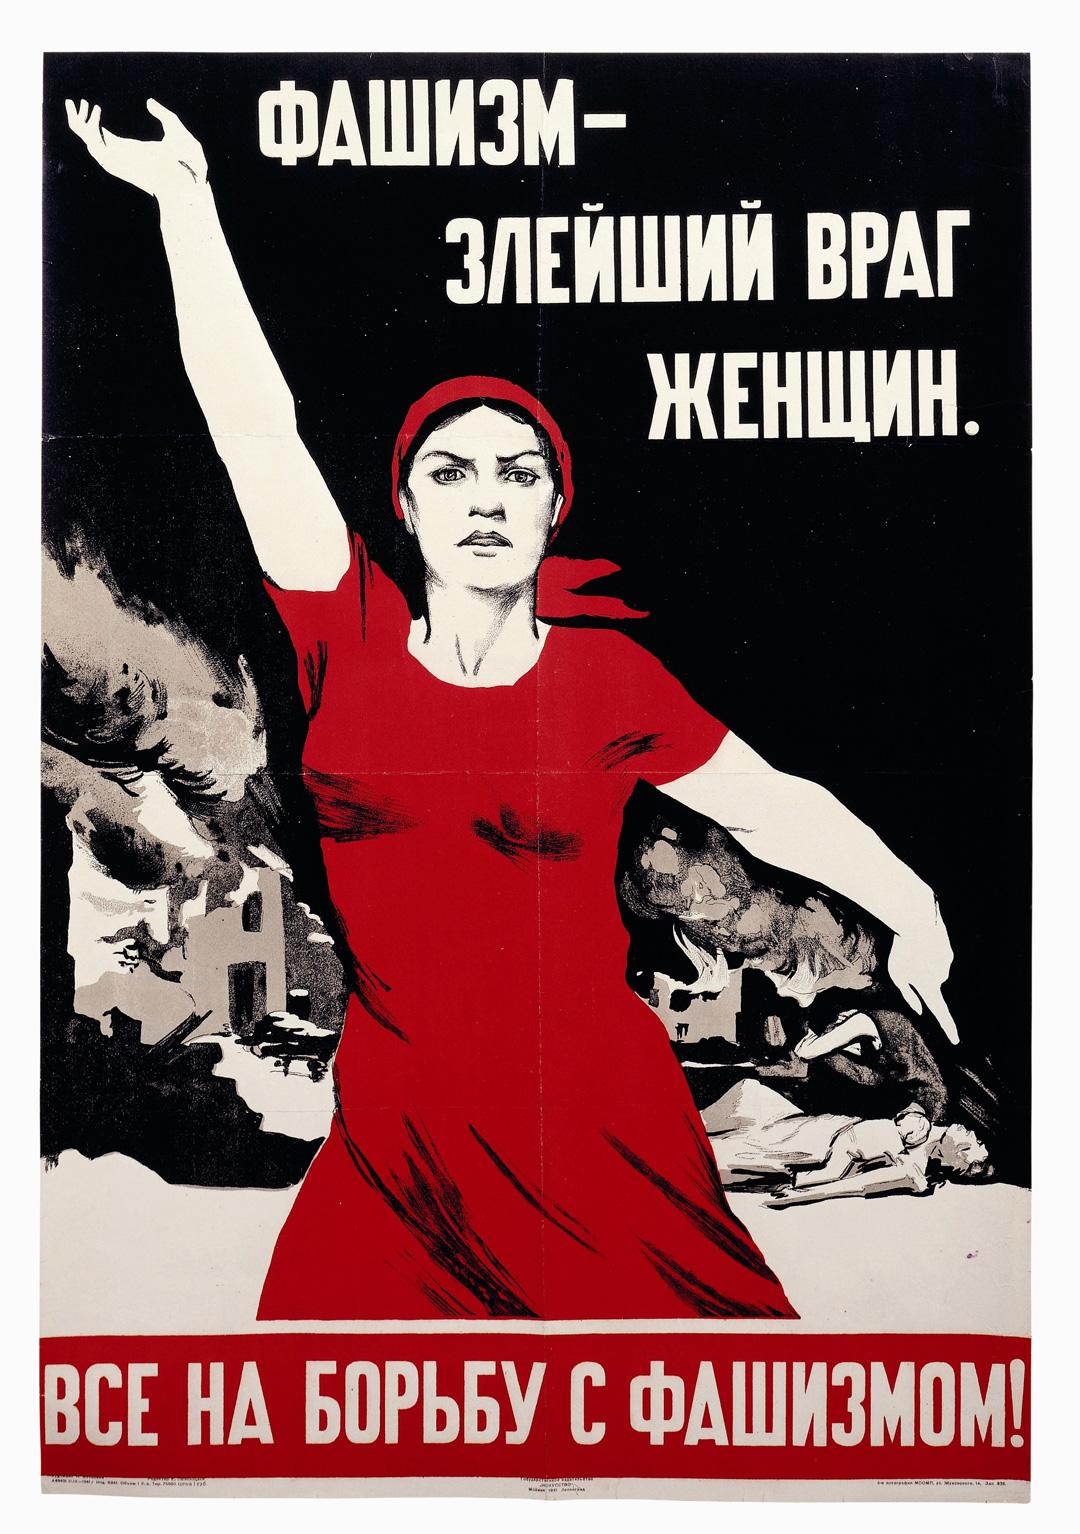 Нина Ватолина. Плакат «Фашизм — злейший враг женщин. Все на борьбу с фашизмом!», 1941